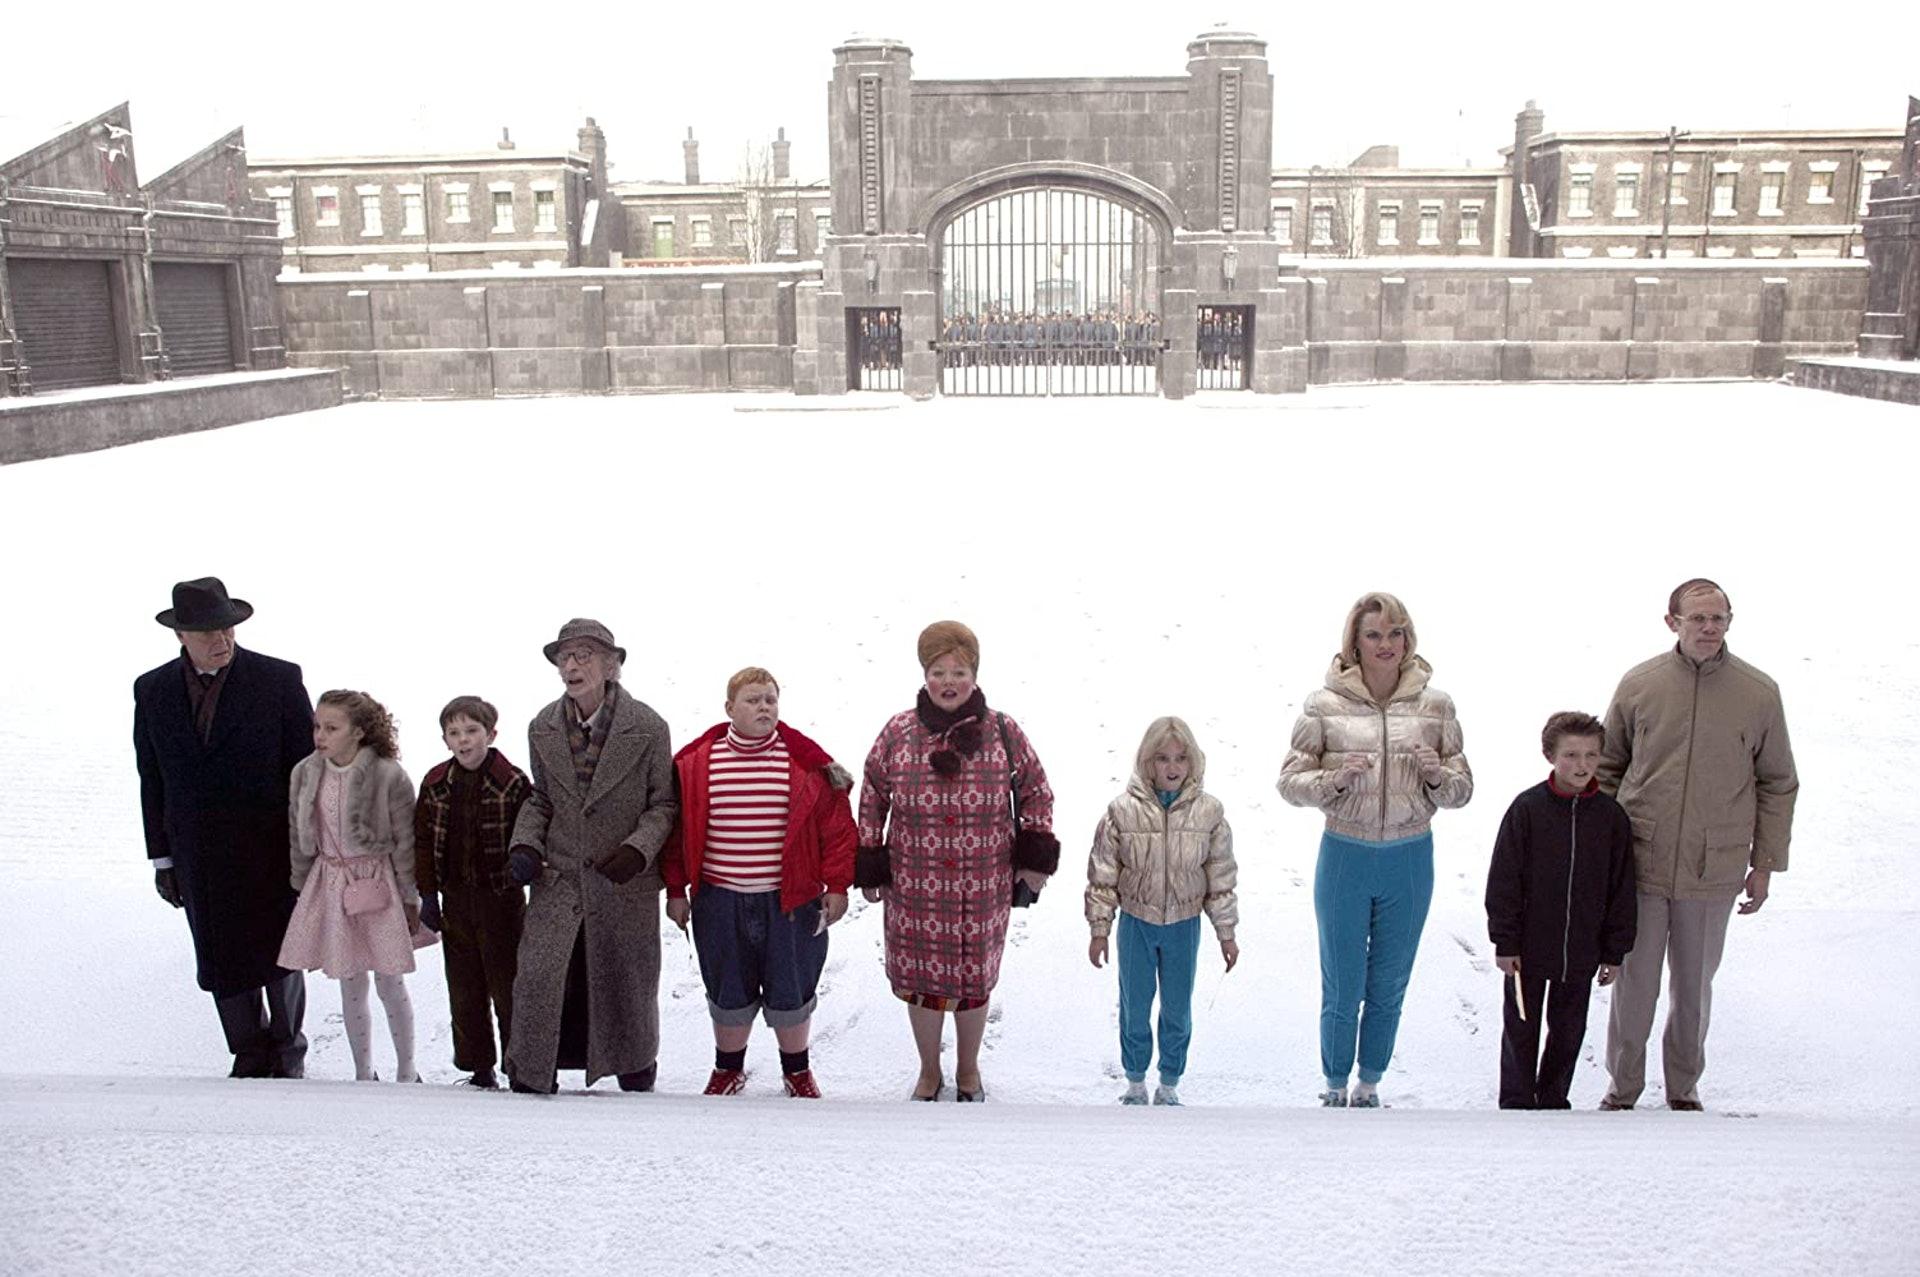 《朱古力獎門人》當年有5位童星參演,可惜最後只有Freddie Highmore(左三)成功彈起。(《朱古力獎門人》劇照)